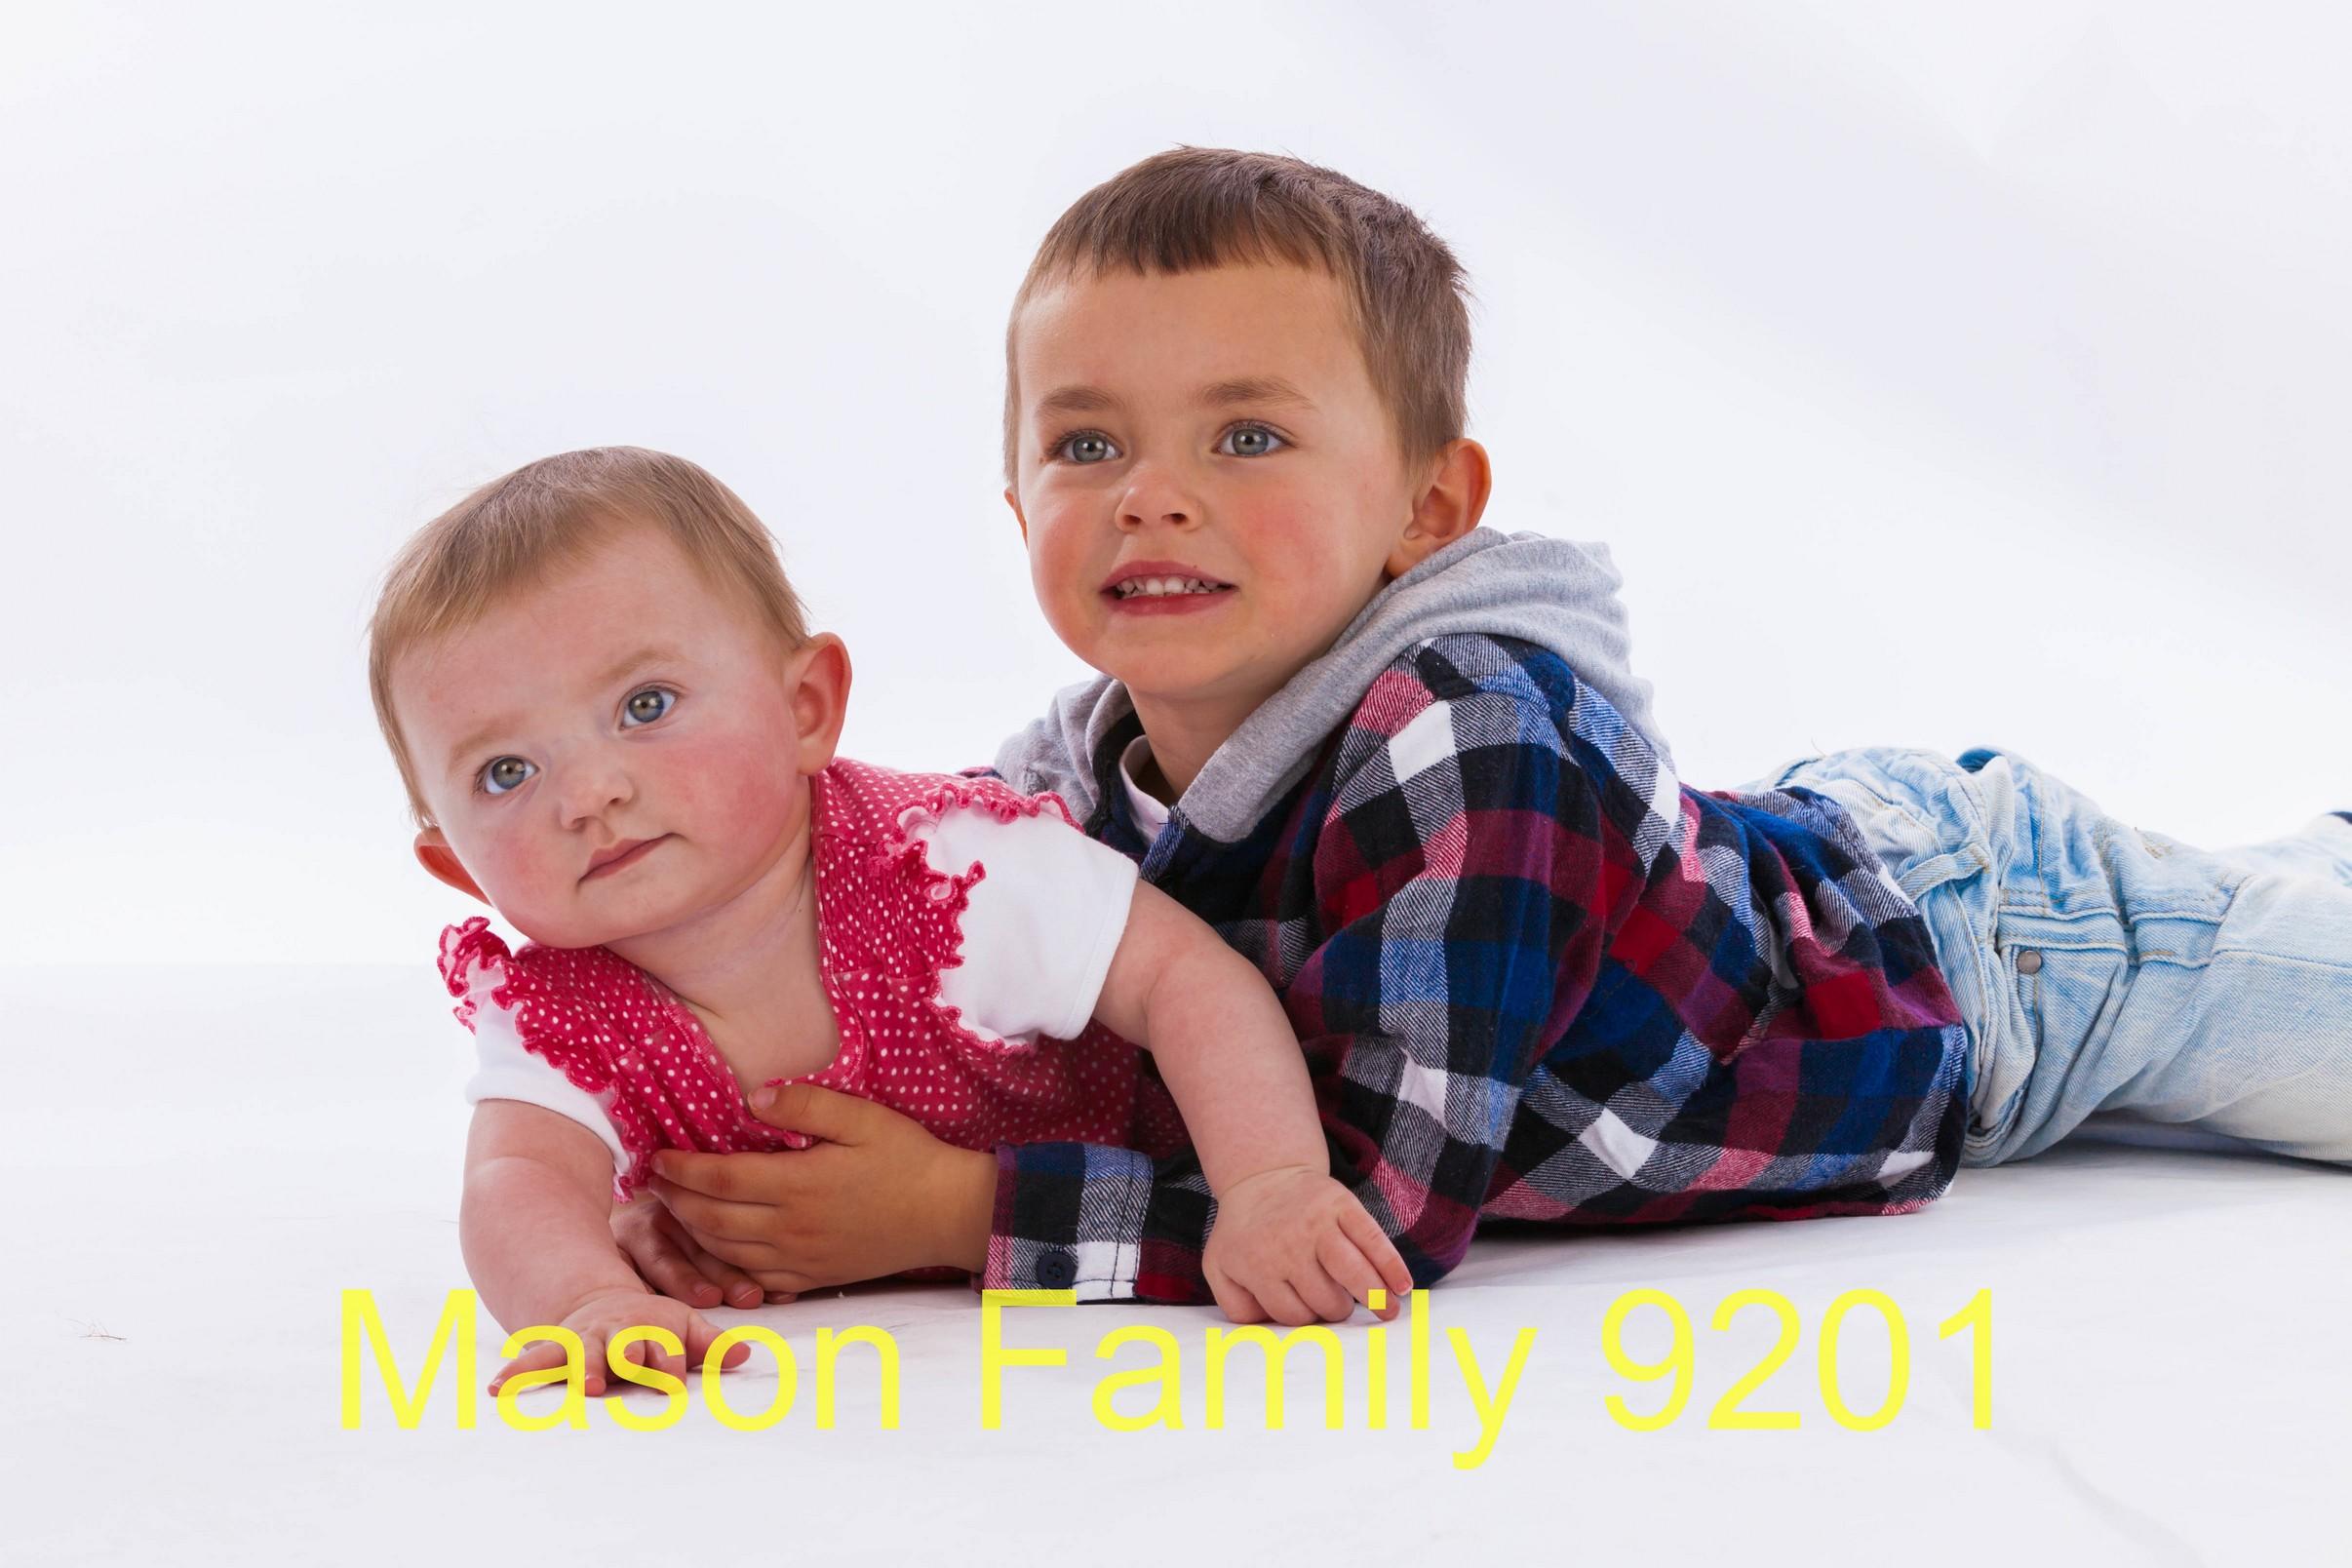 Mason Family 9201